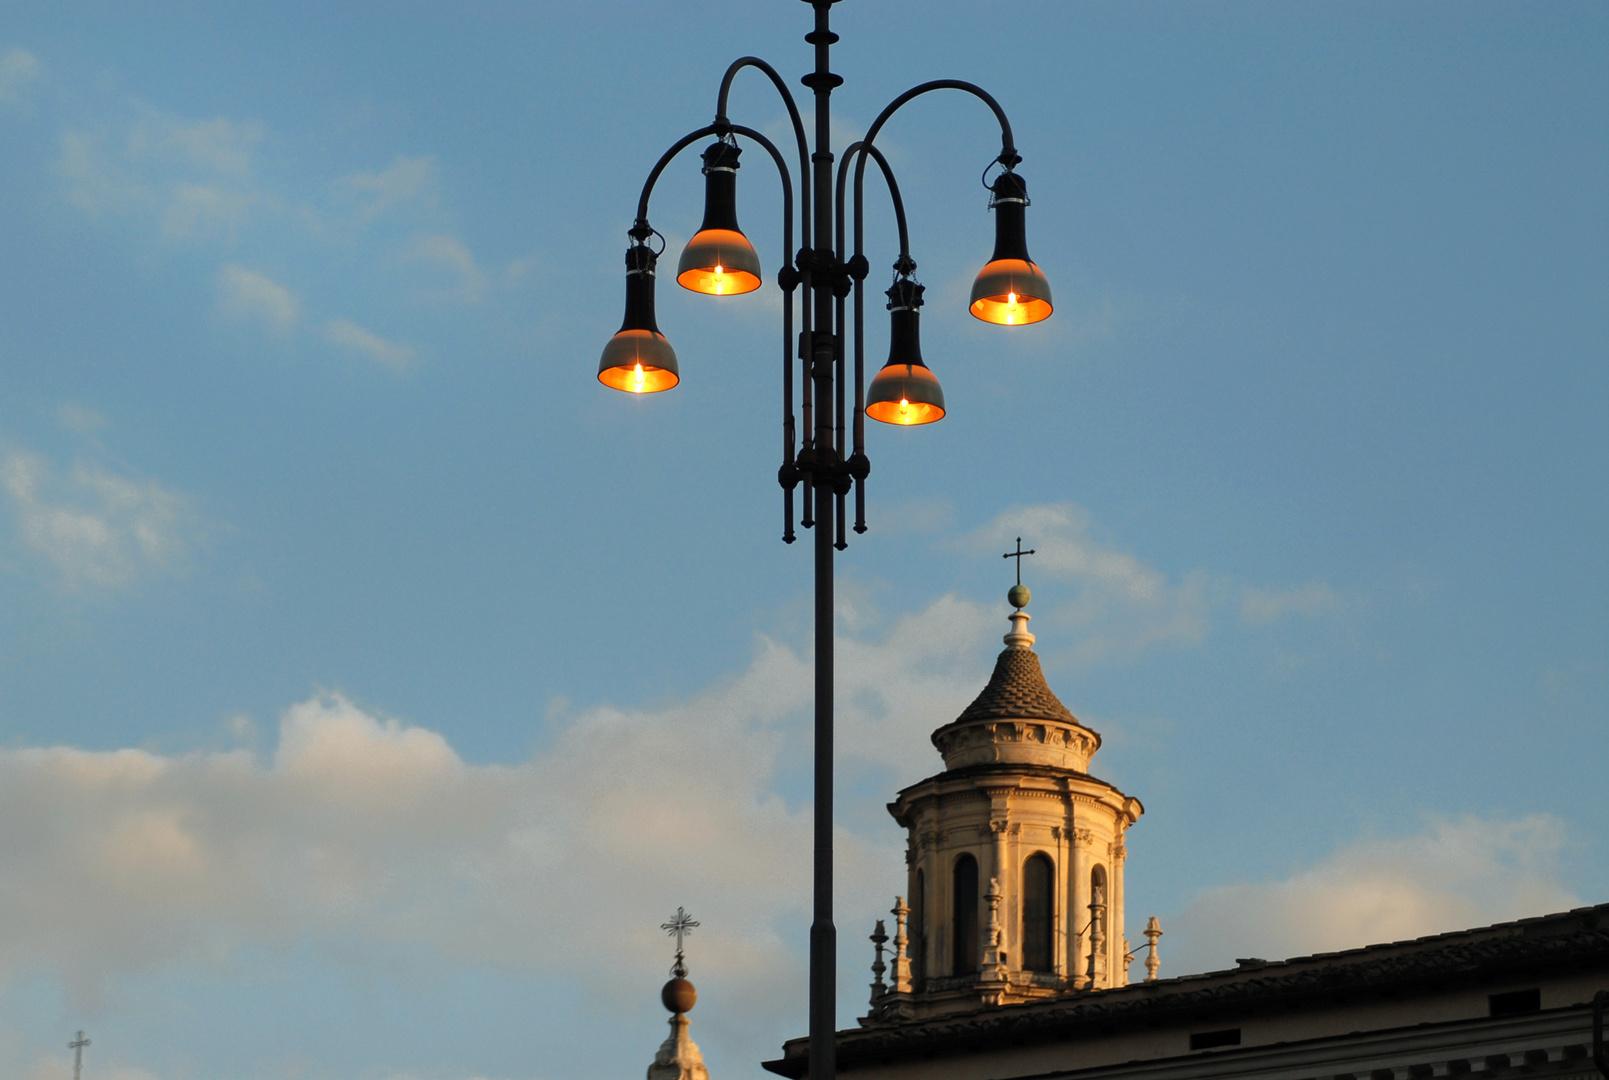 Il lampione e le chiese